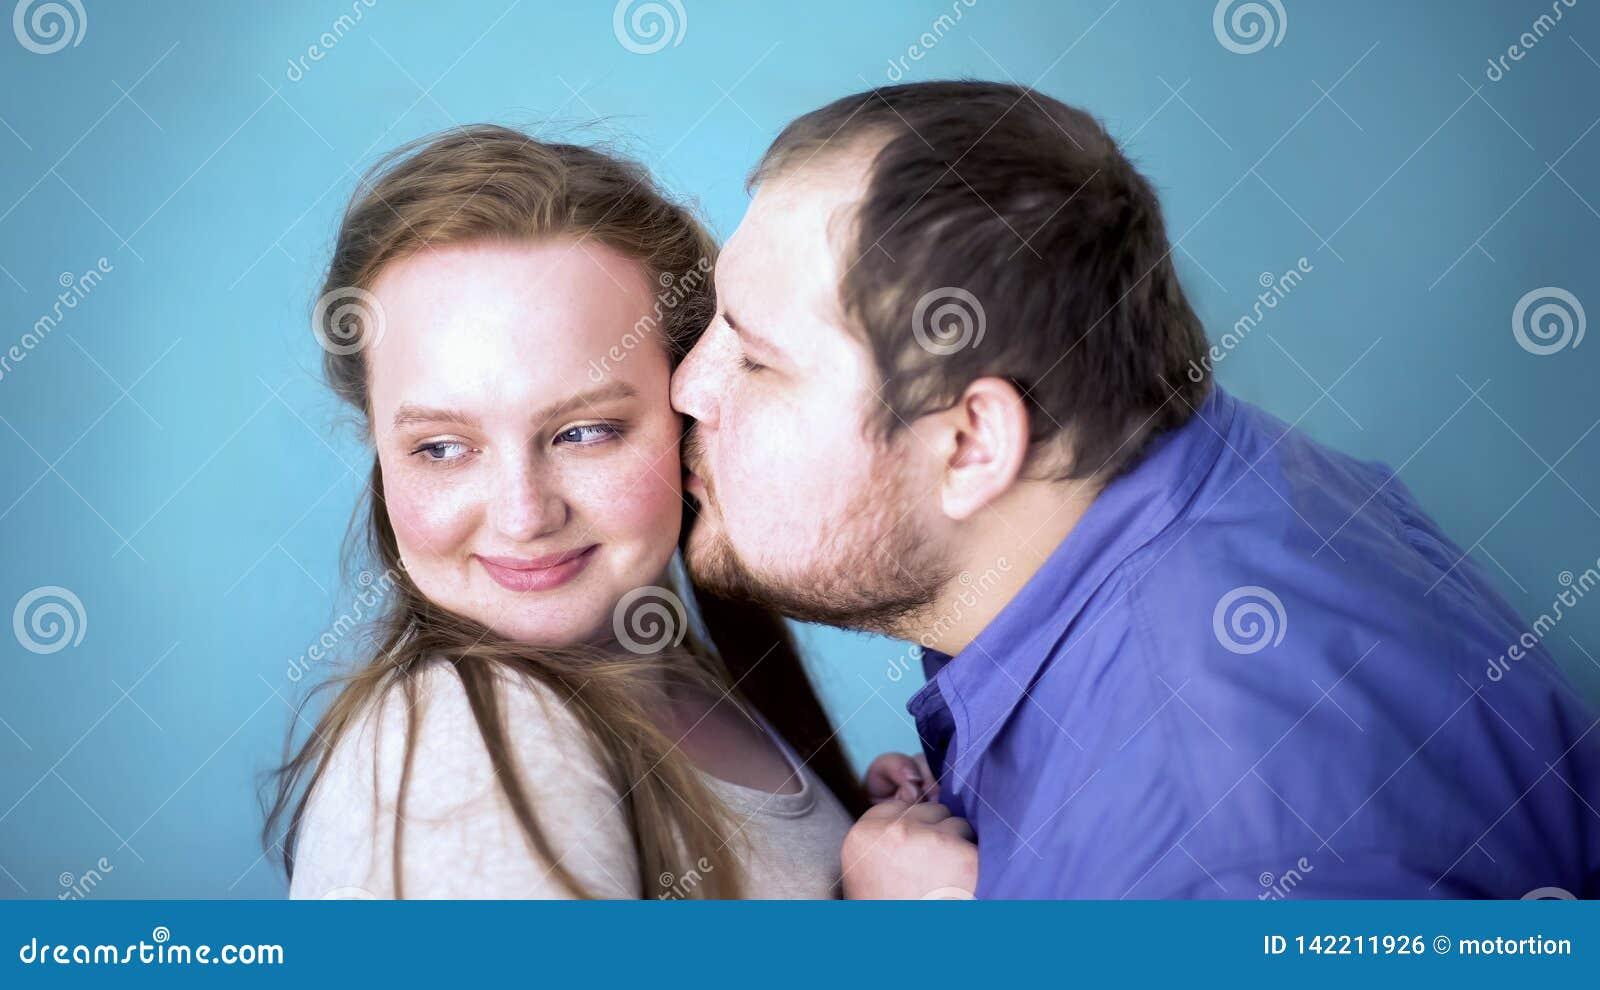 Flirt amore dating Ogden Utah appuntamenti idee